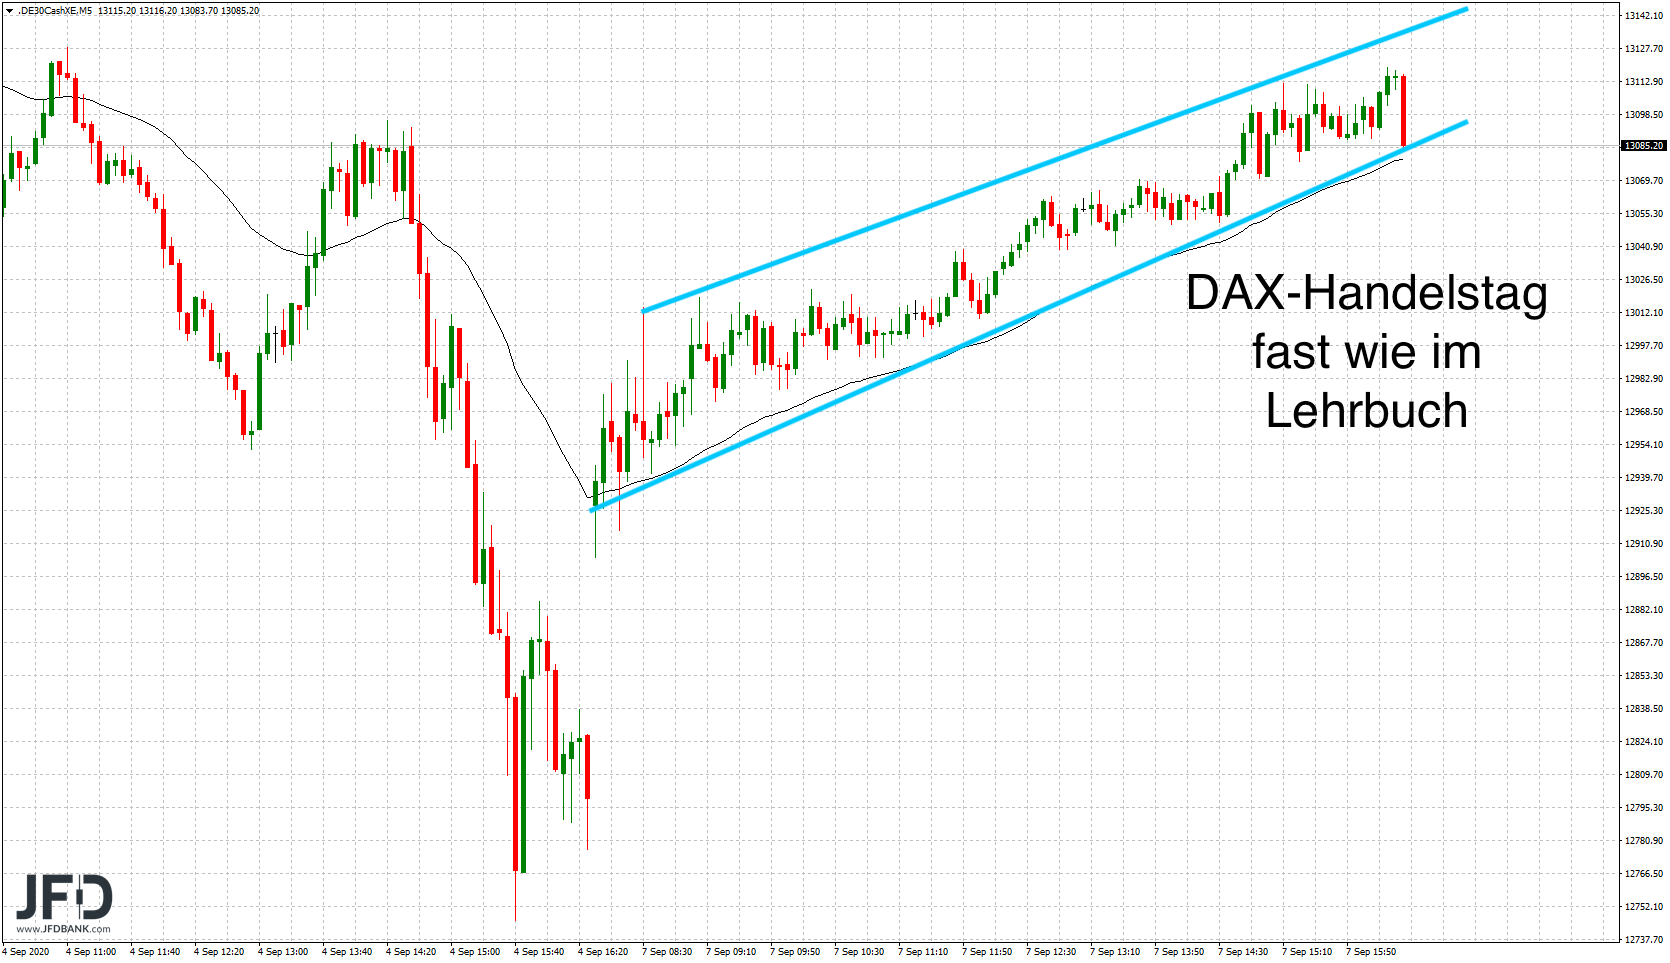 DAX-ohne-Wall-Street-entfesselt-Kommentar-JFD-Bank-GodmodeTrader.de-1